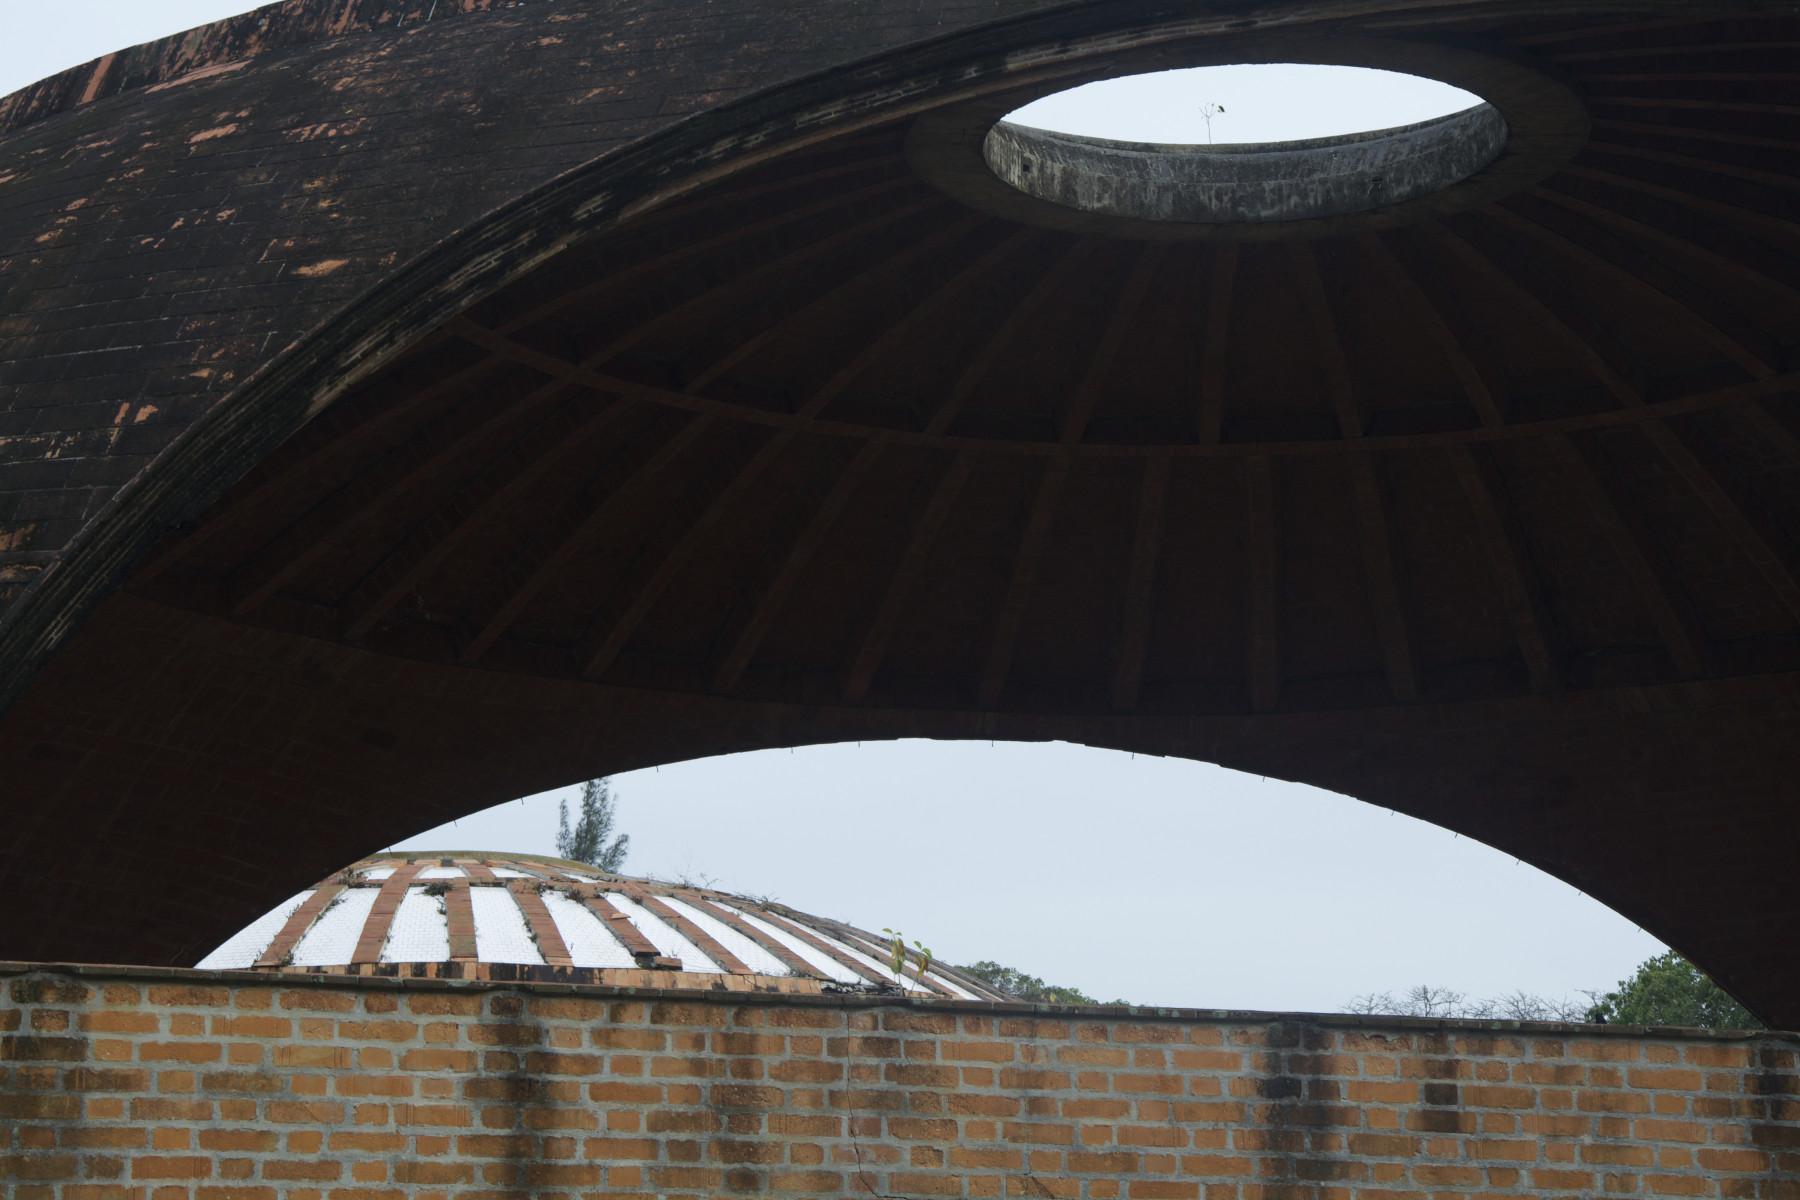 Viva la arquitectura 99 invisible - Arquitectura invisible ...